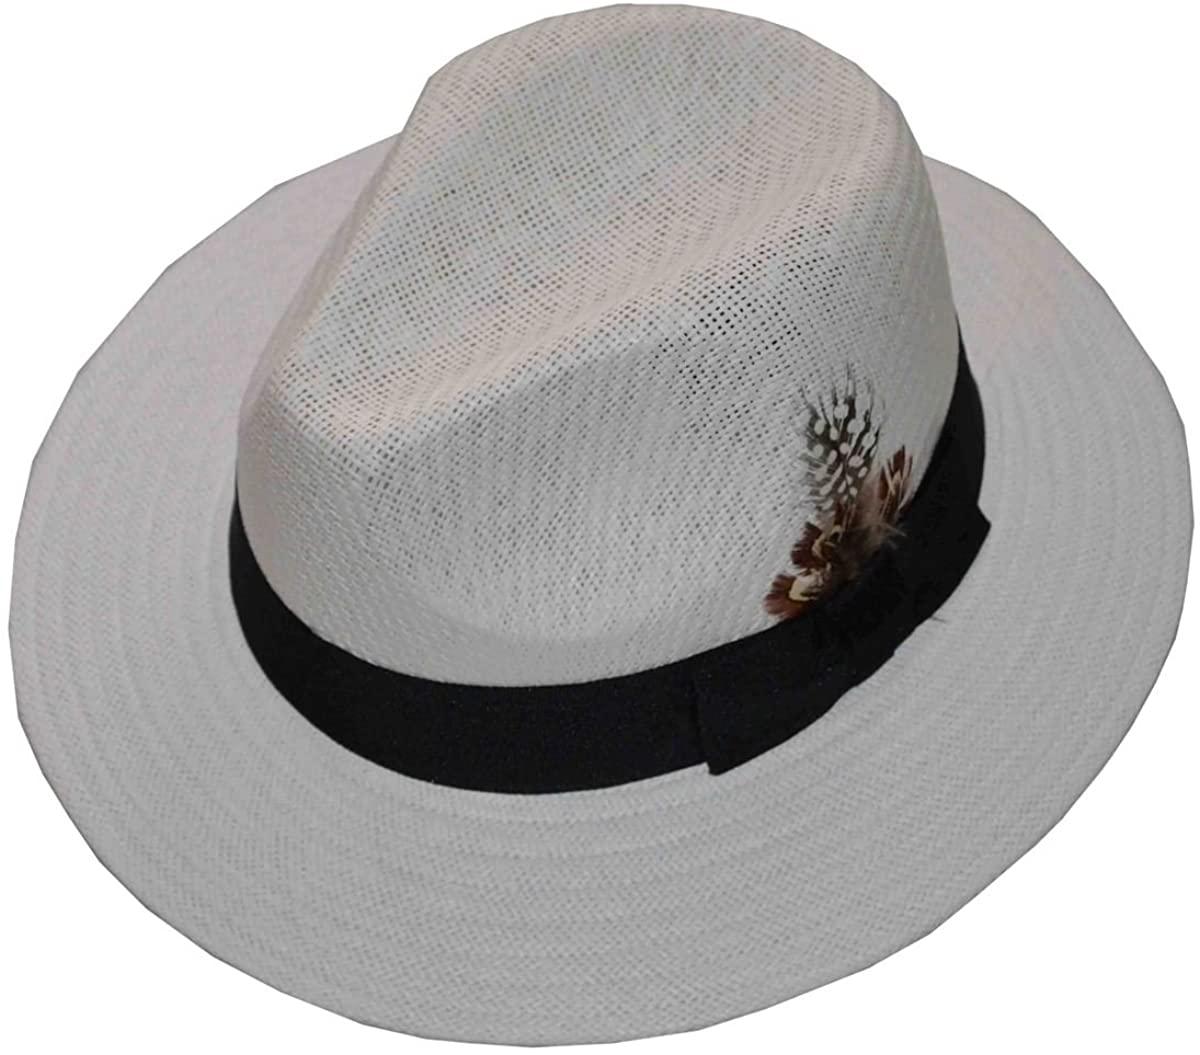 JKO Panama Straw Hat White